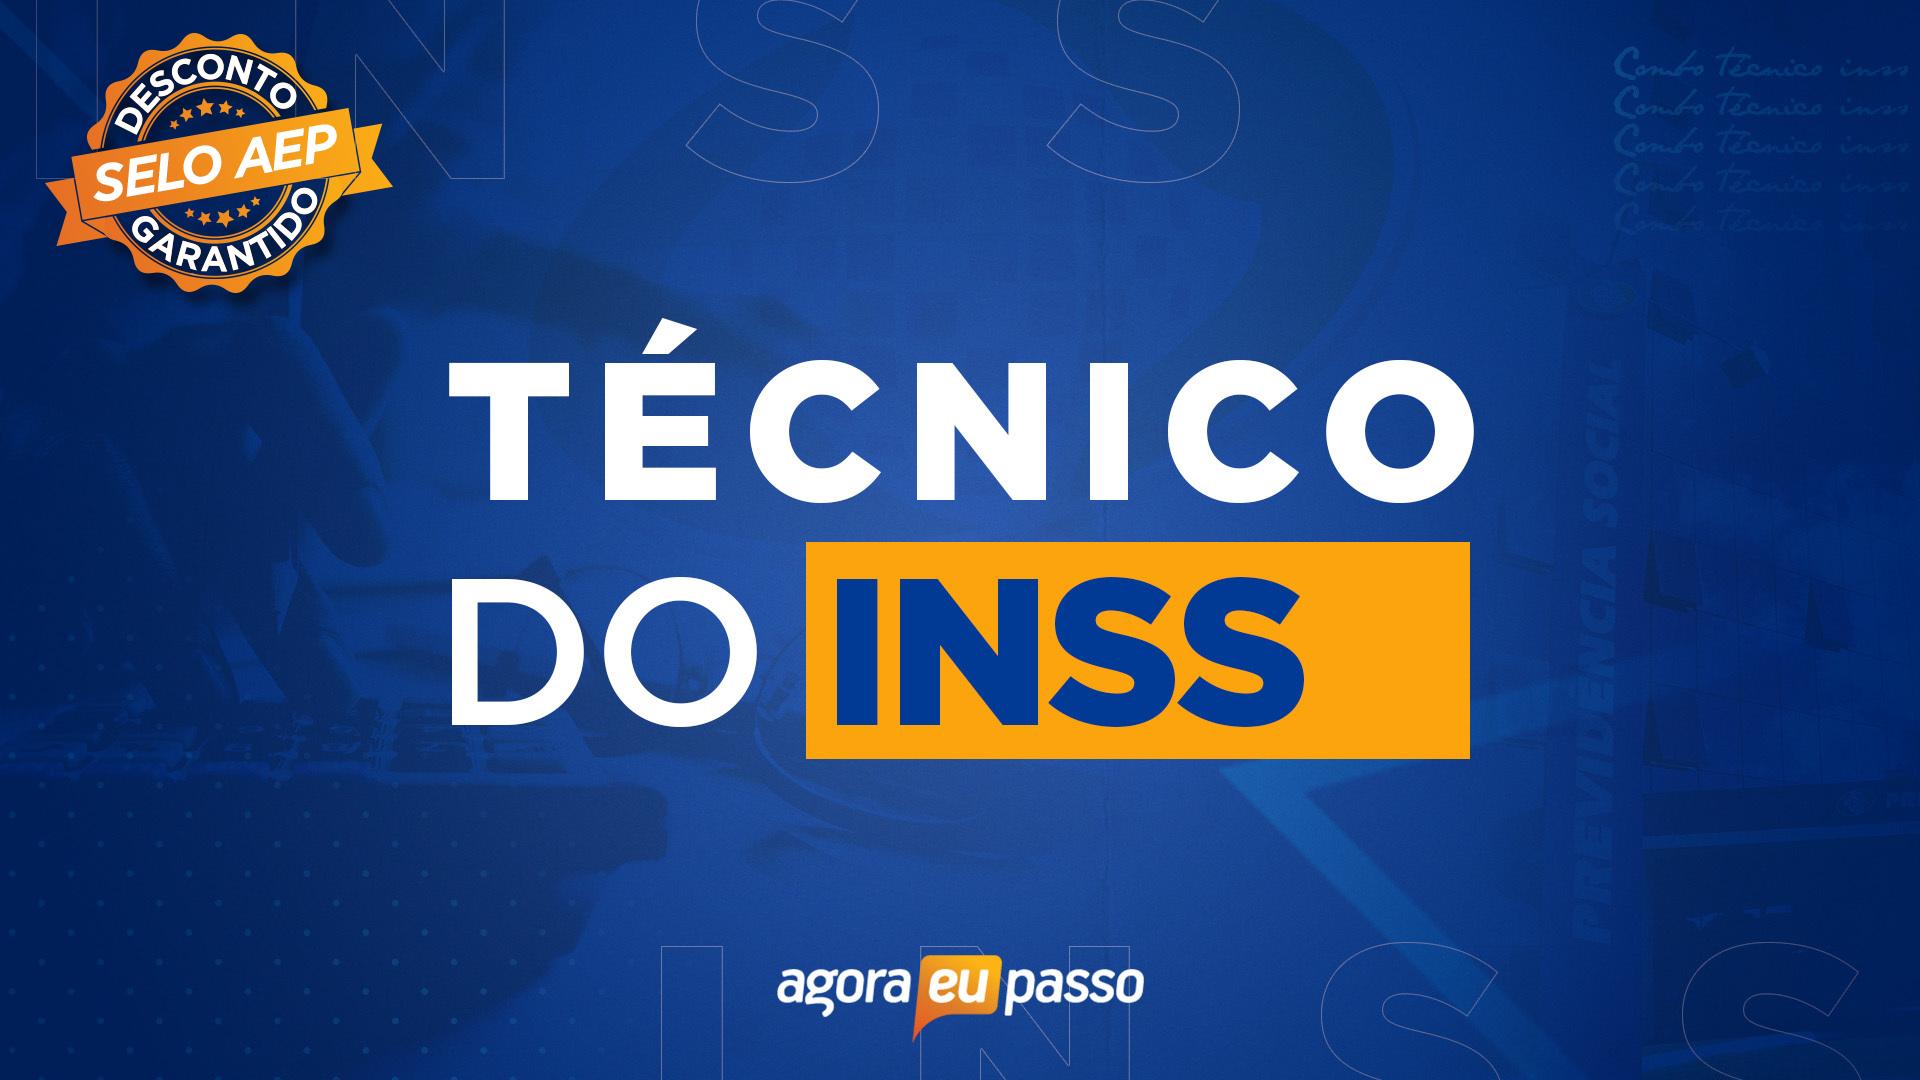 INSS - Técnico do Seguro Social do Instituto Nacional do Seguro Social